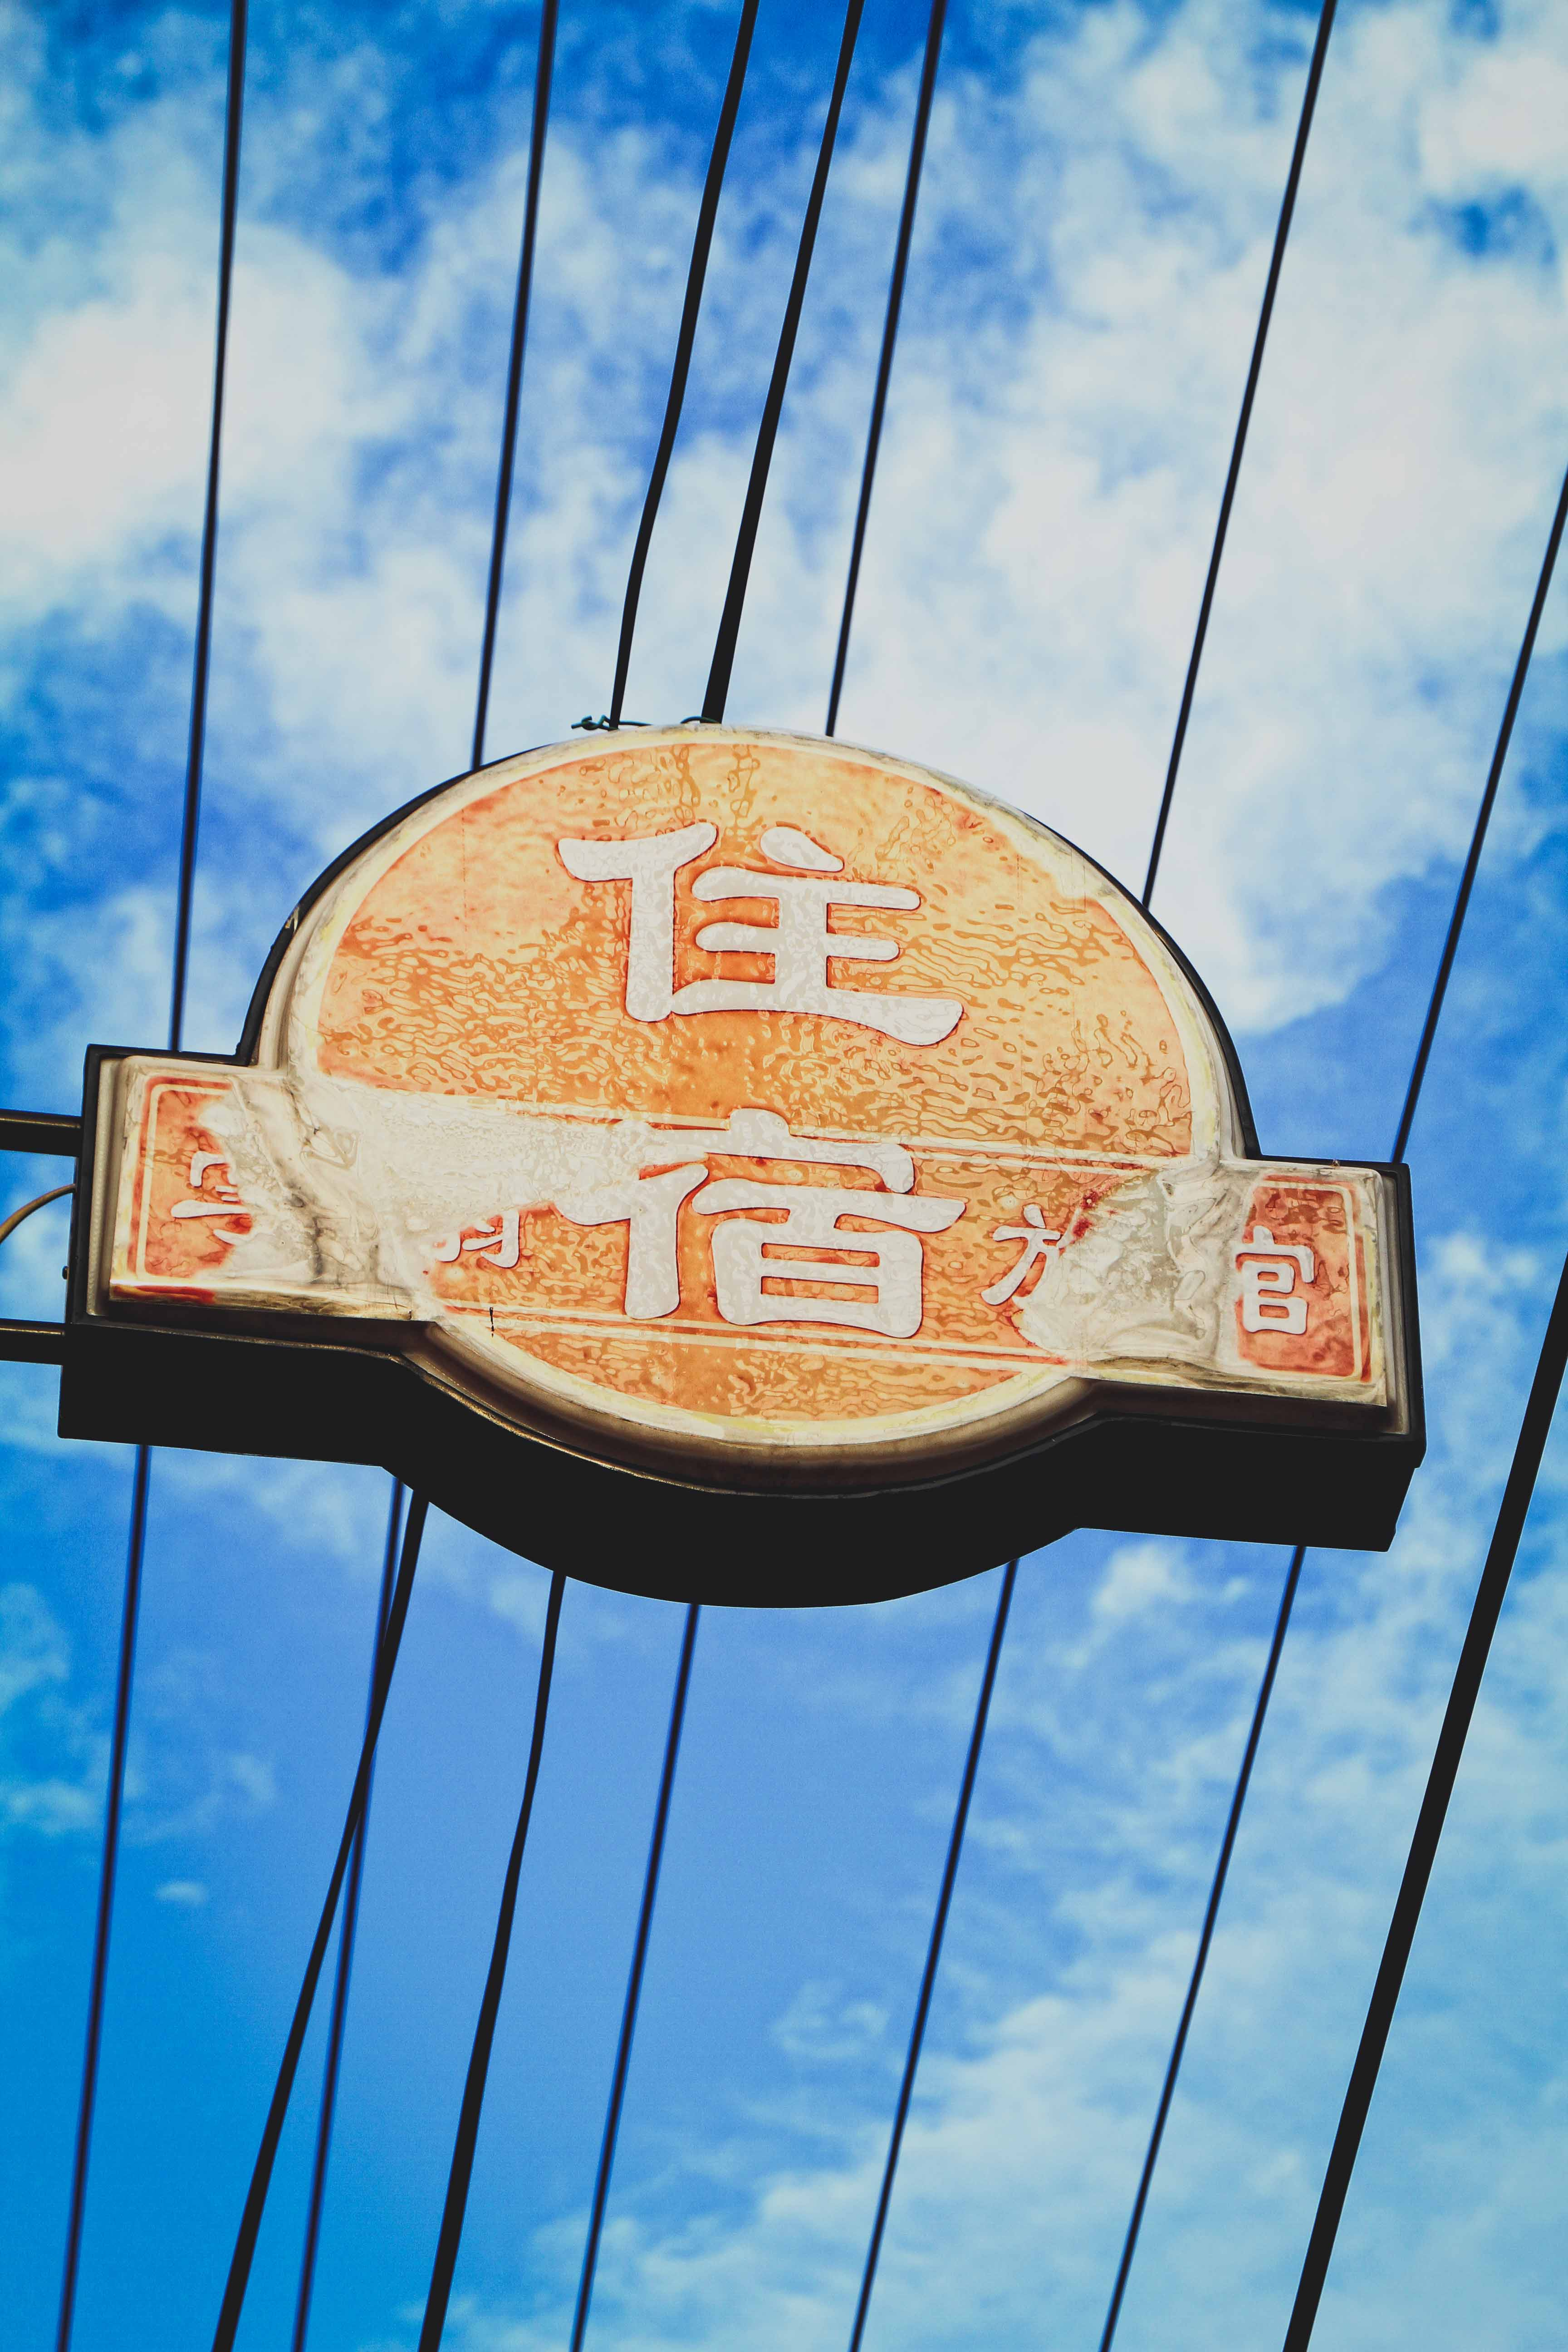 047-Xina_Blog